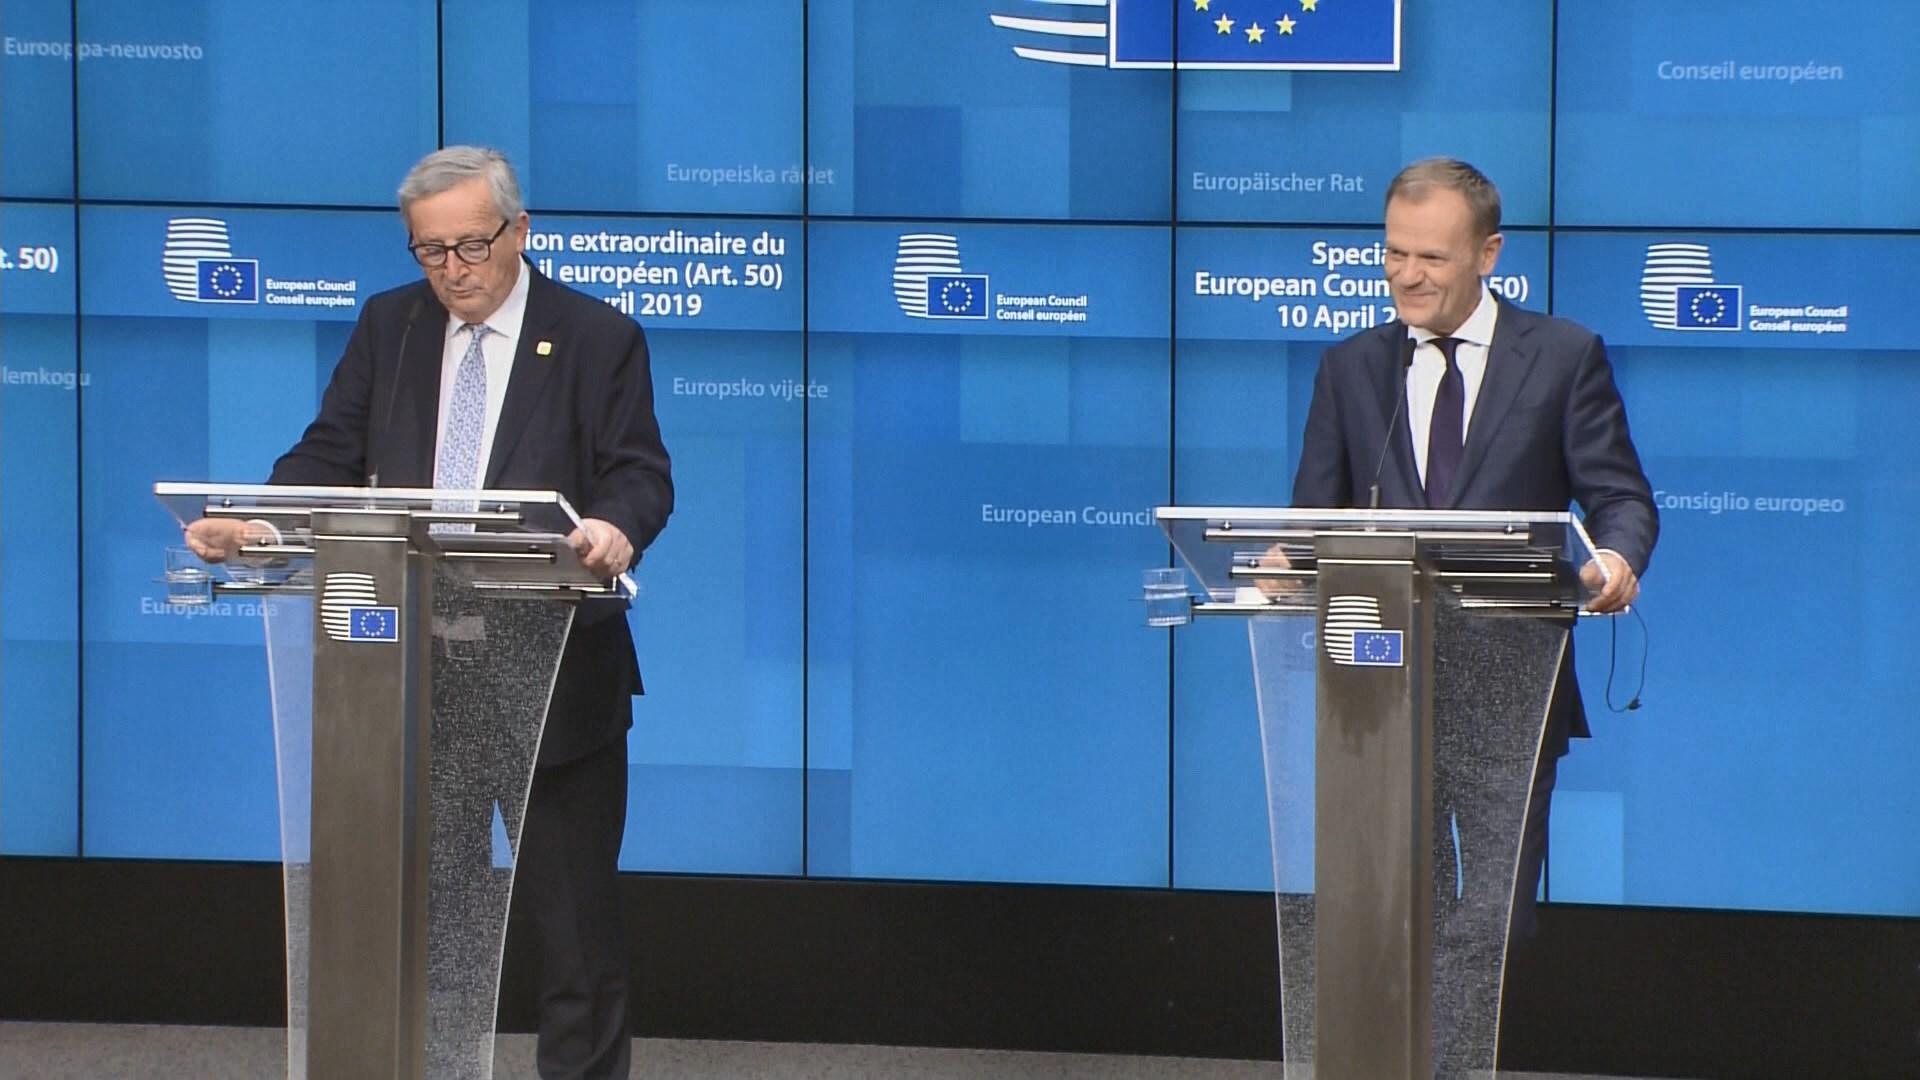 英脫歐限期延至十月底 歐盟六月再開會檢討